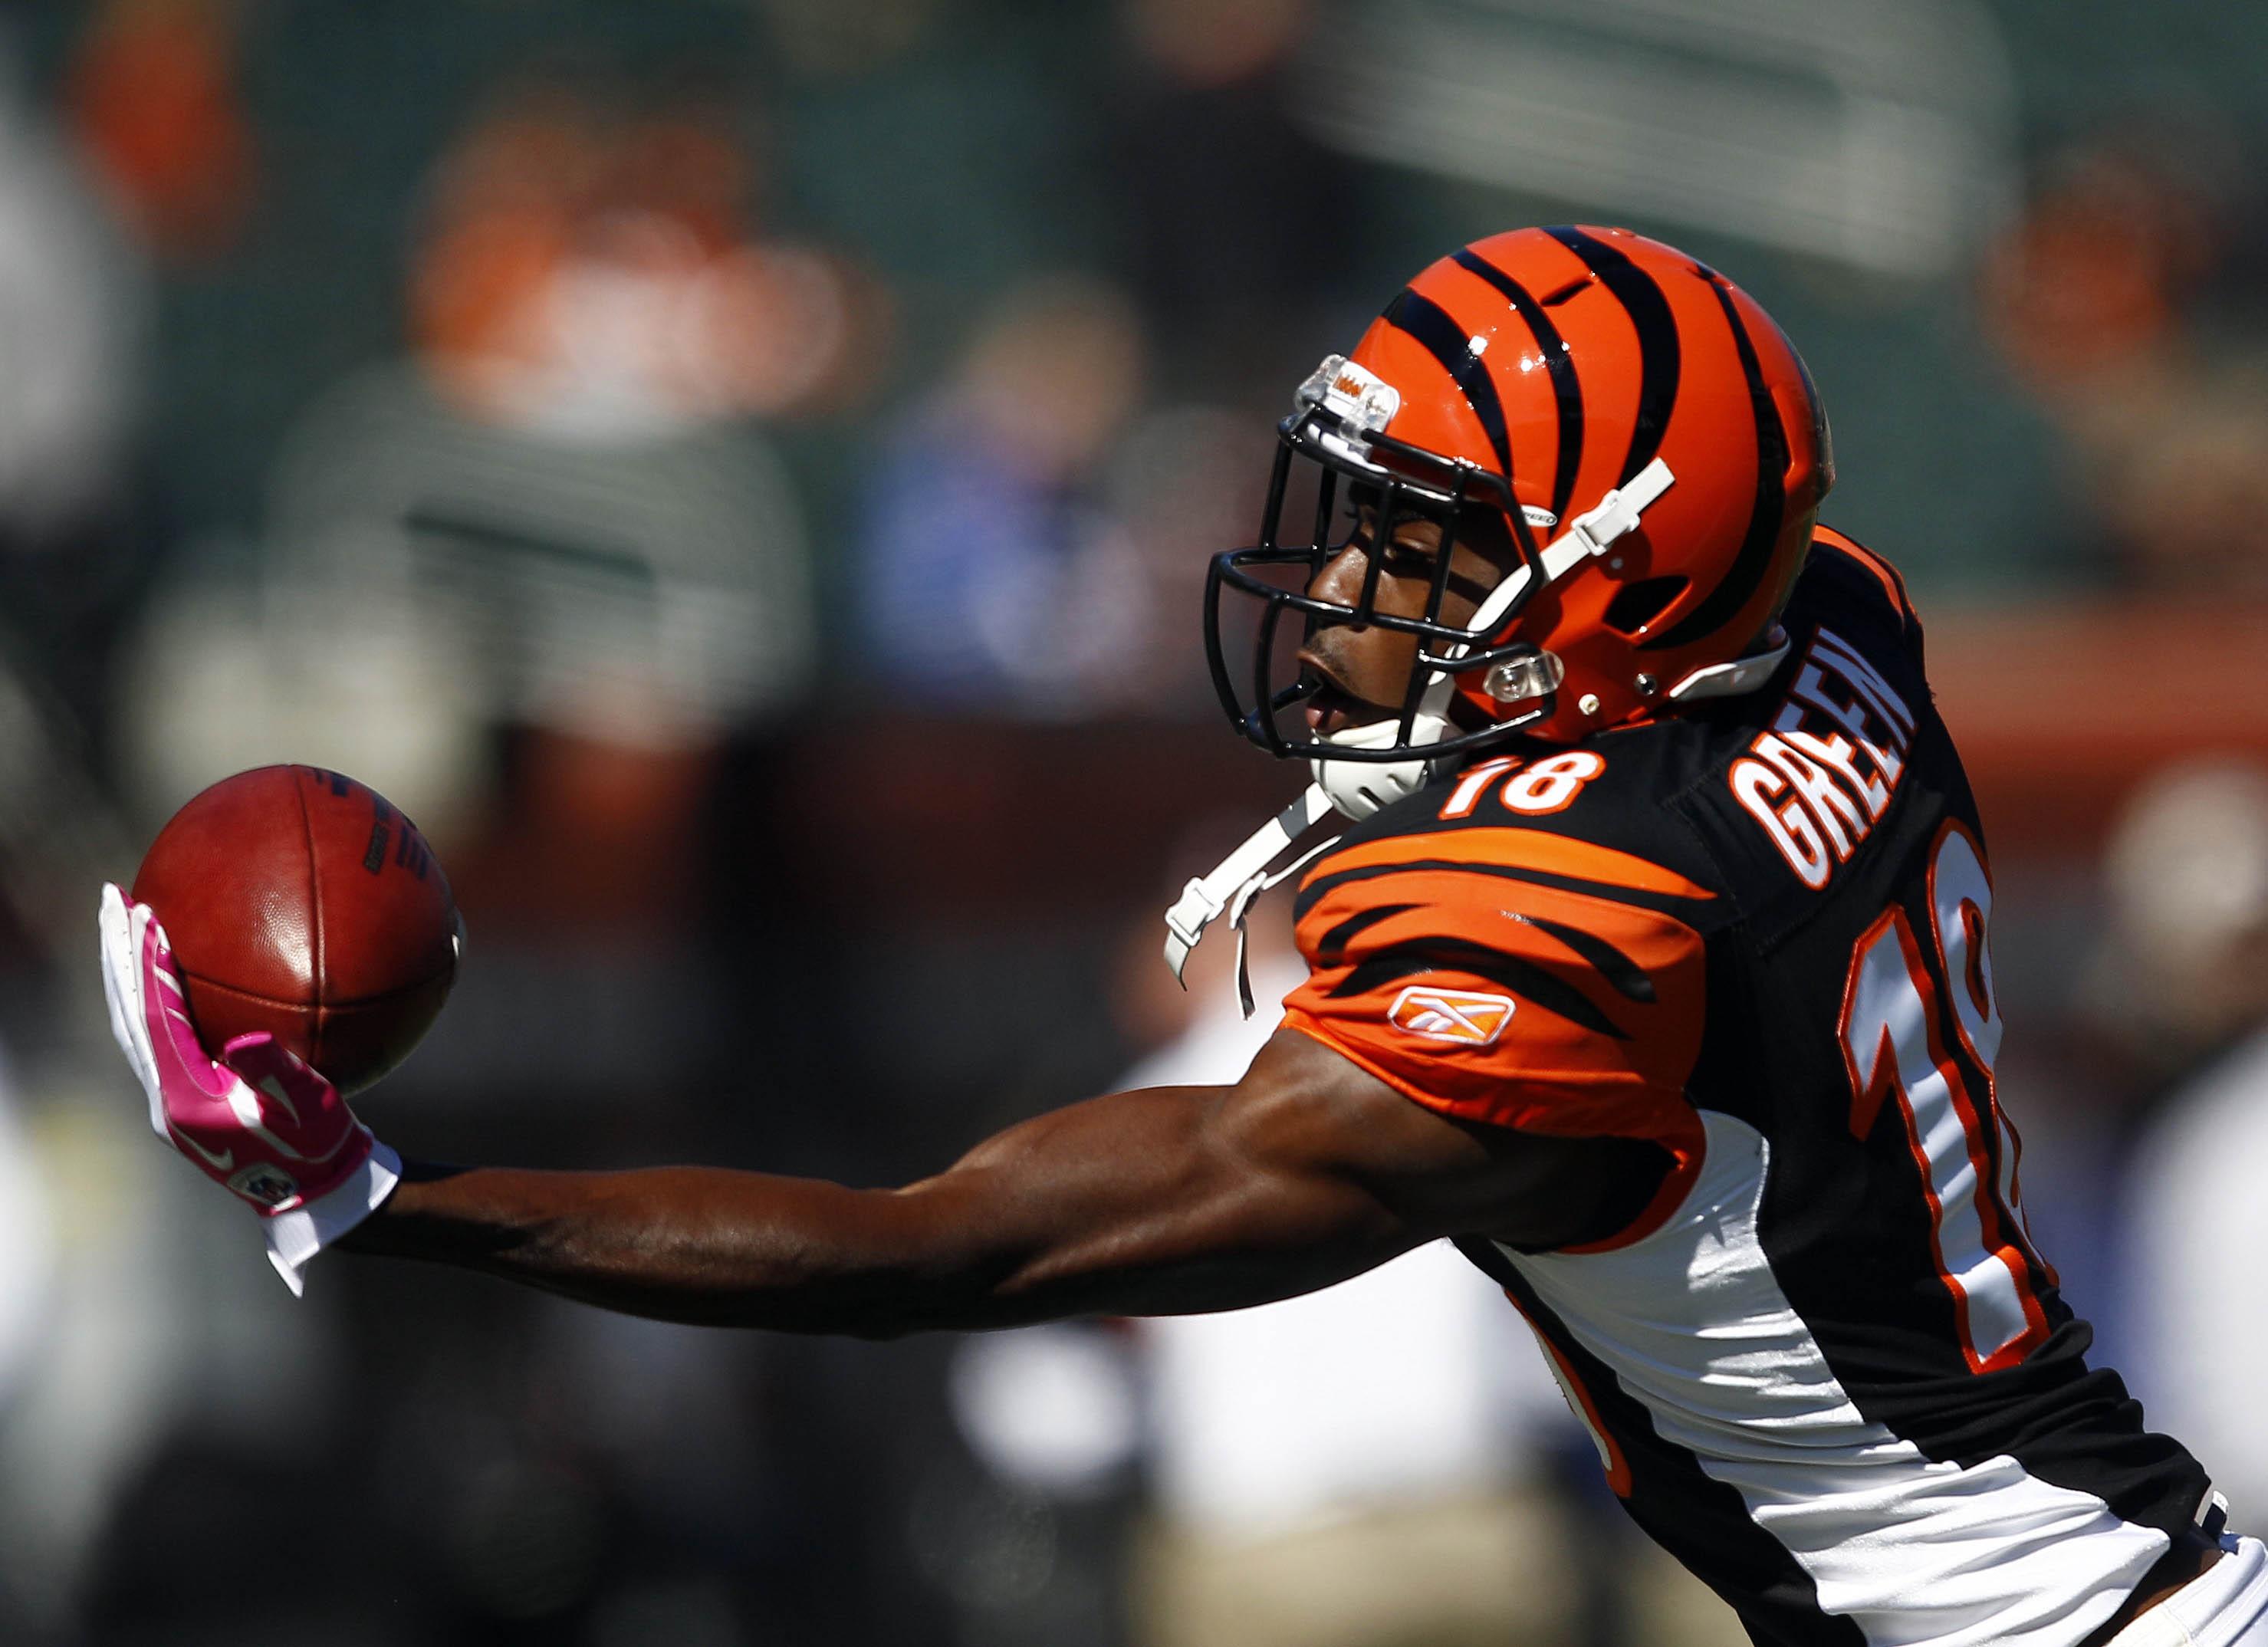 NFL Week 6 Injury Update: A.J. Green Re-Injures Toe